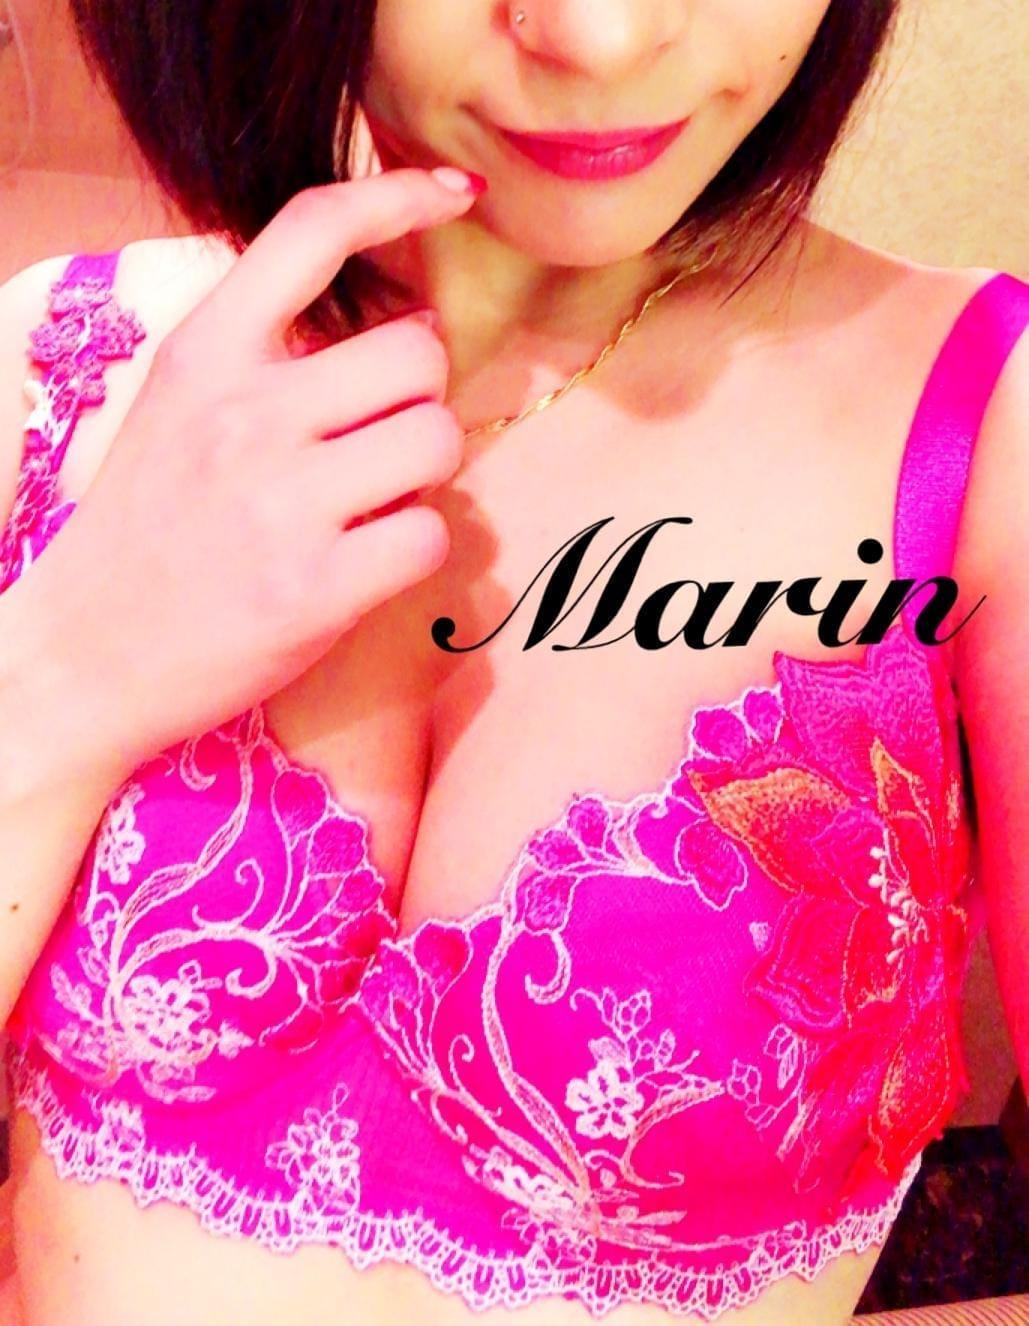 「リゾートホテルのお兄さんへ」09/20日(木) 06:25 | MARINの写メ・風俗動画